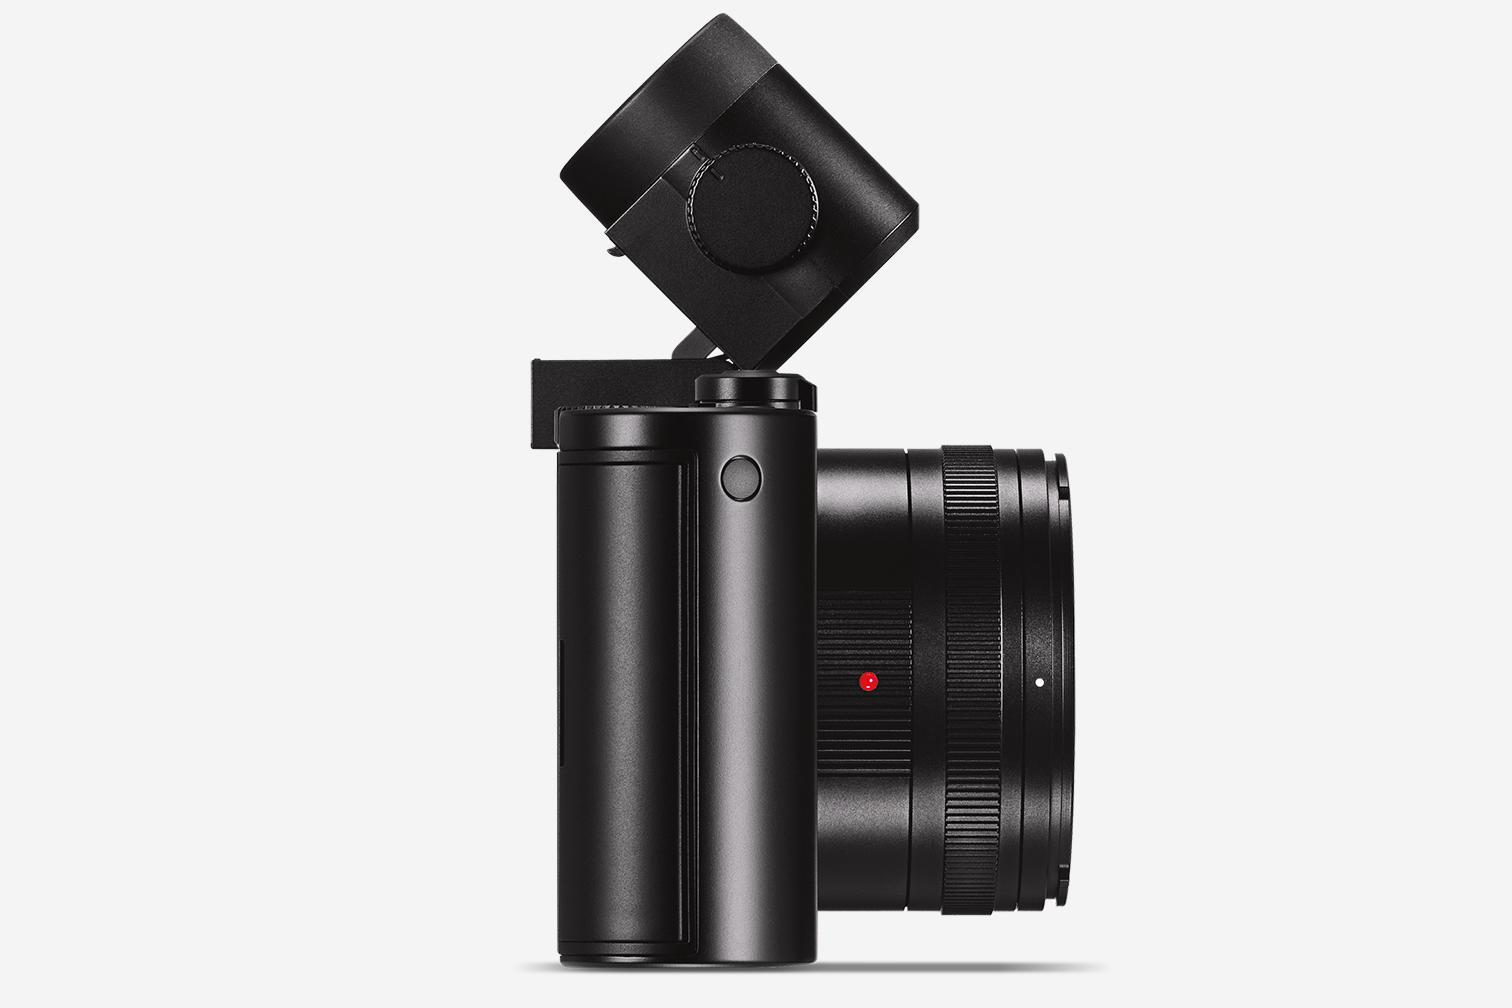 Leica TL2 с видоискателем, вид сбоку